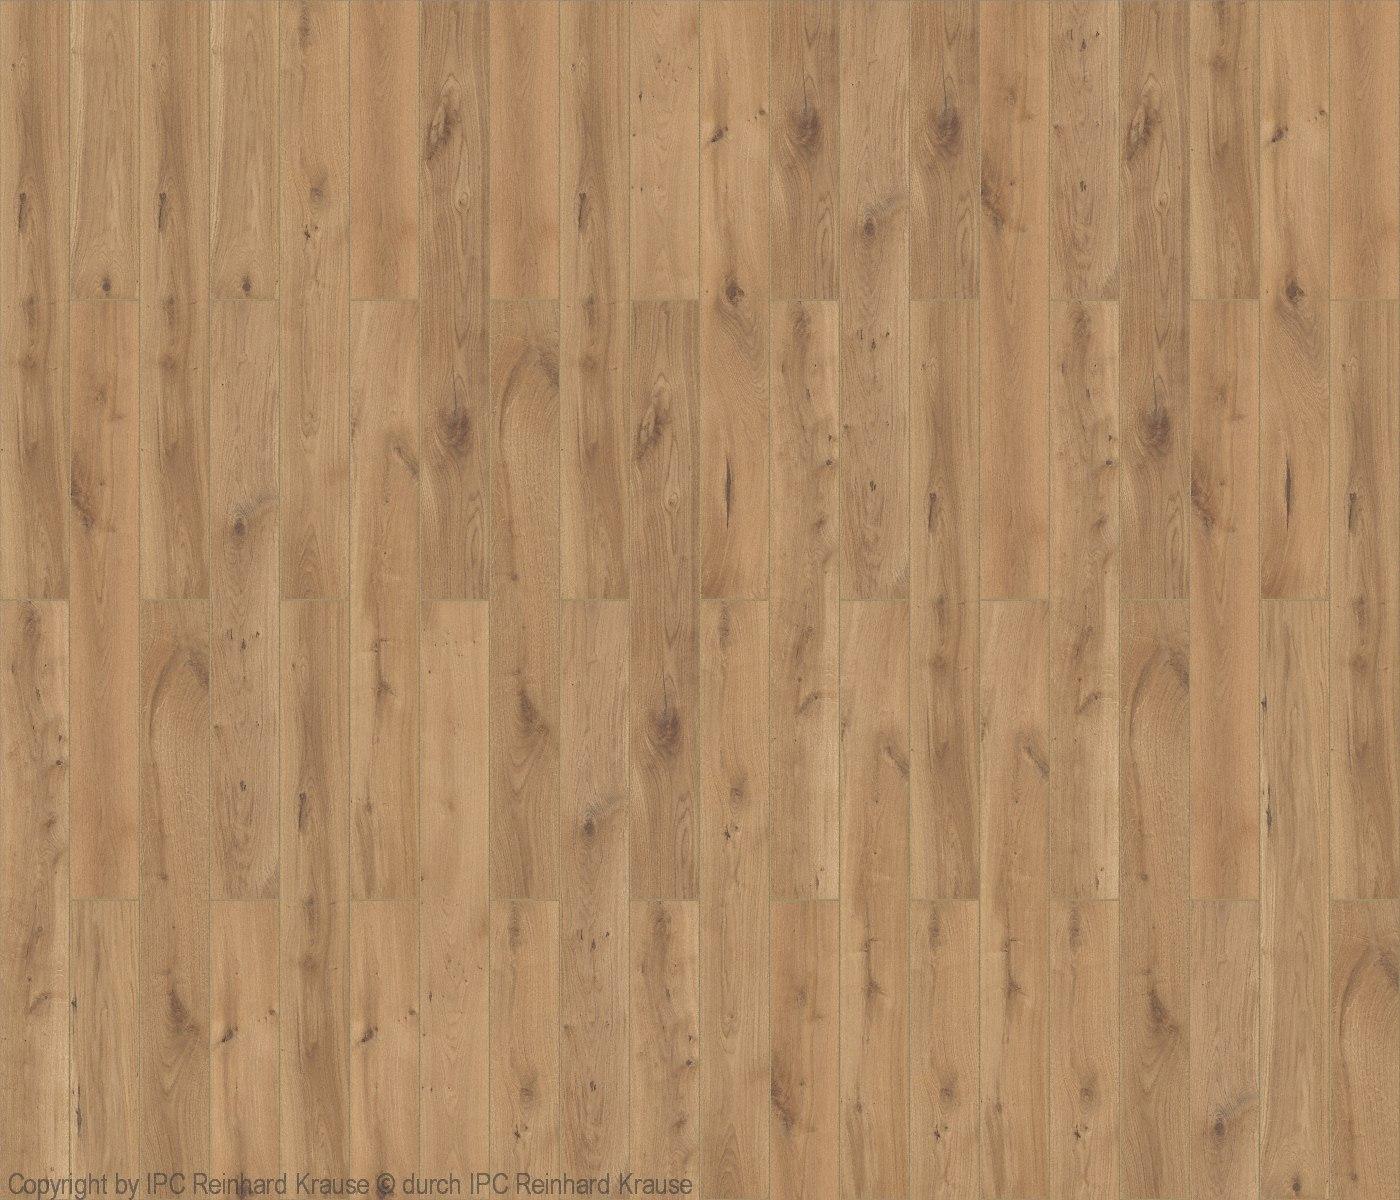 lhd variant fsc eiche 00 farblos holzboden. Black Bedroom Furniture Sets. Home Design Ideas